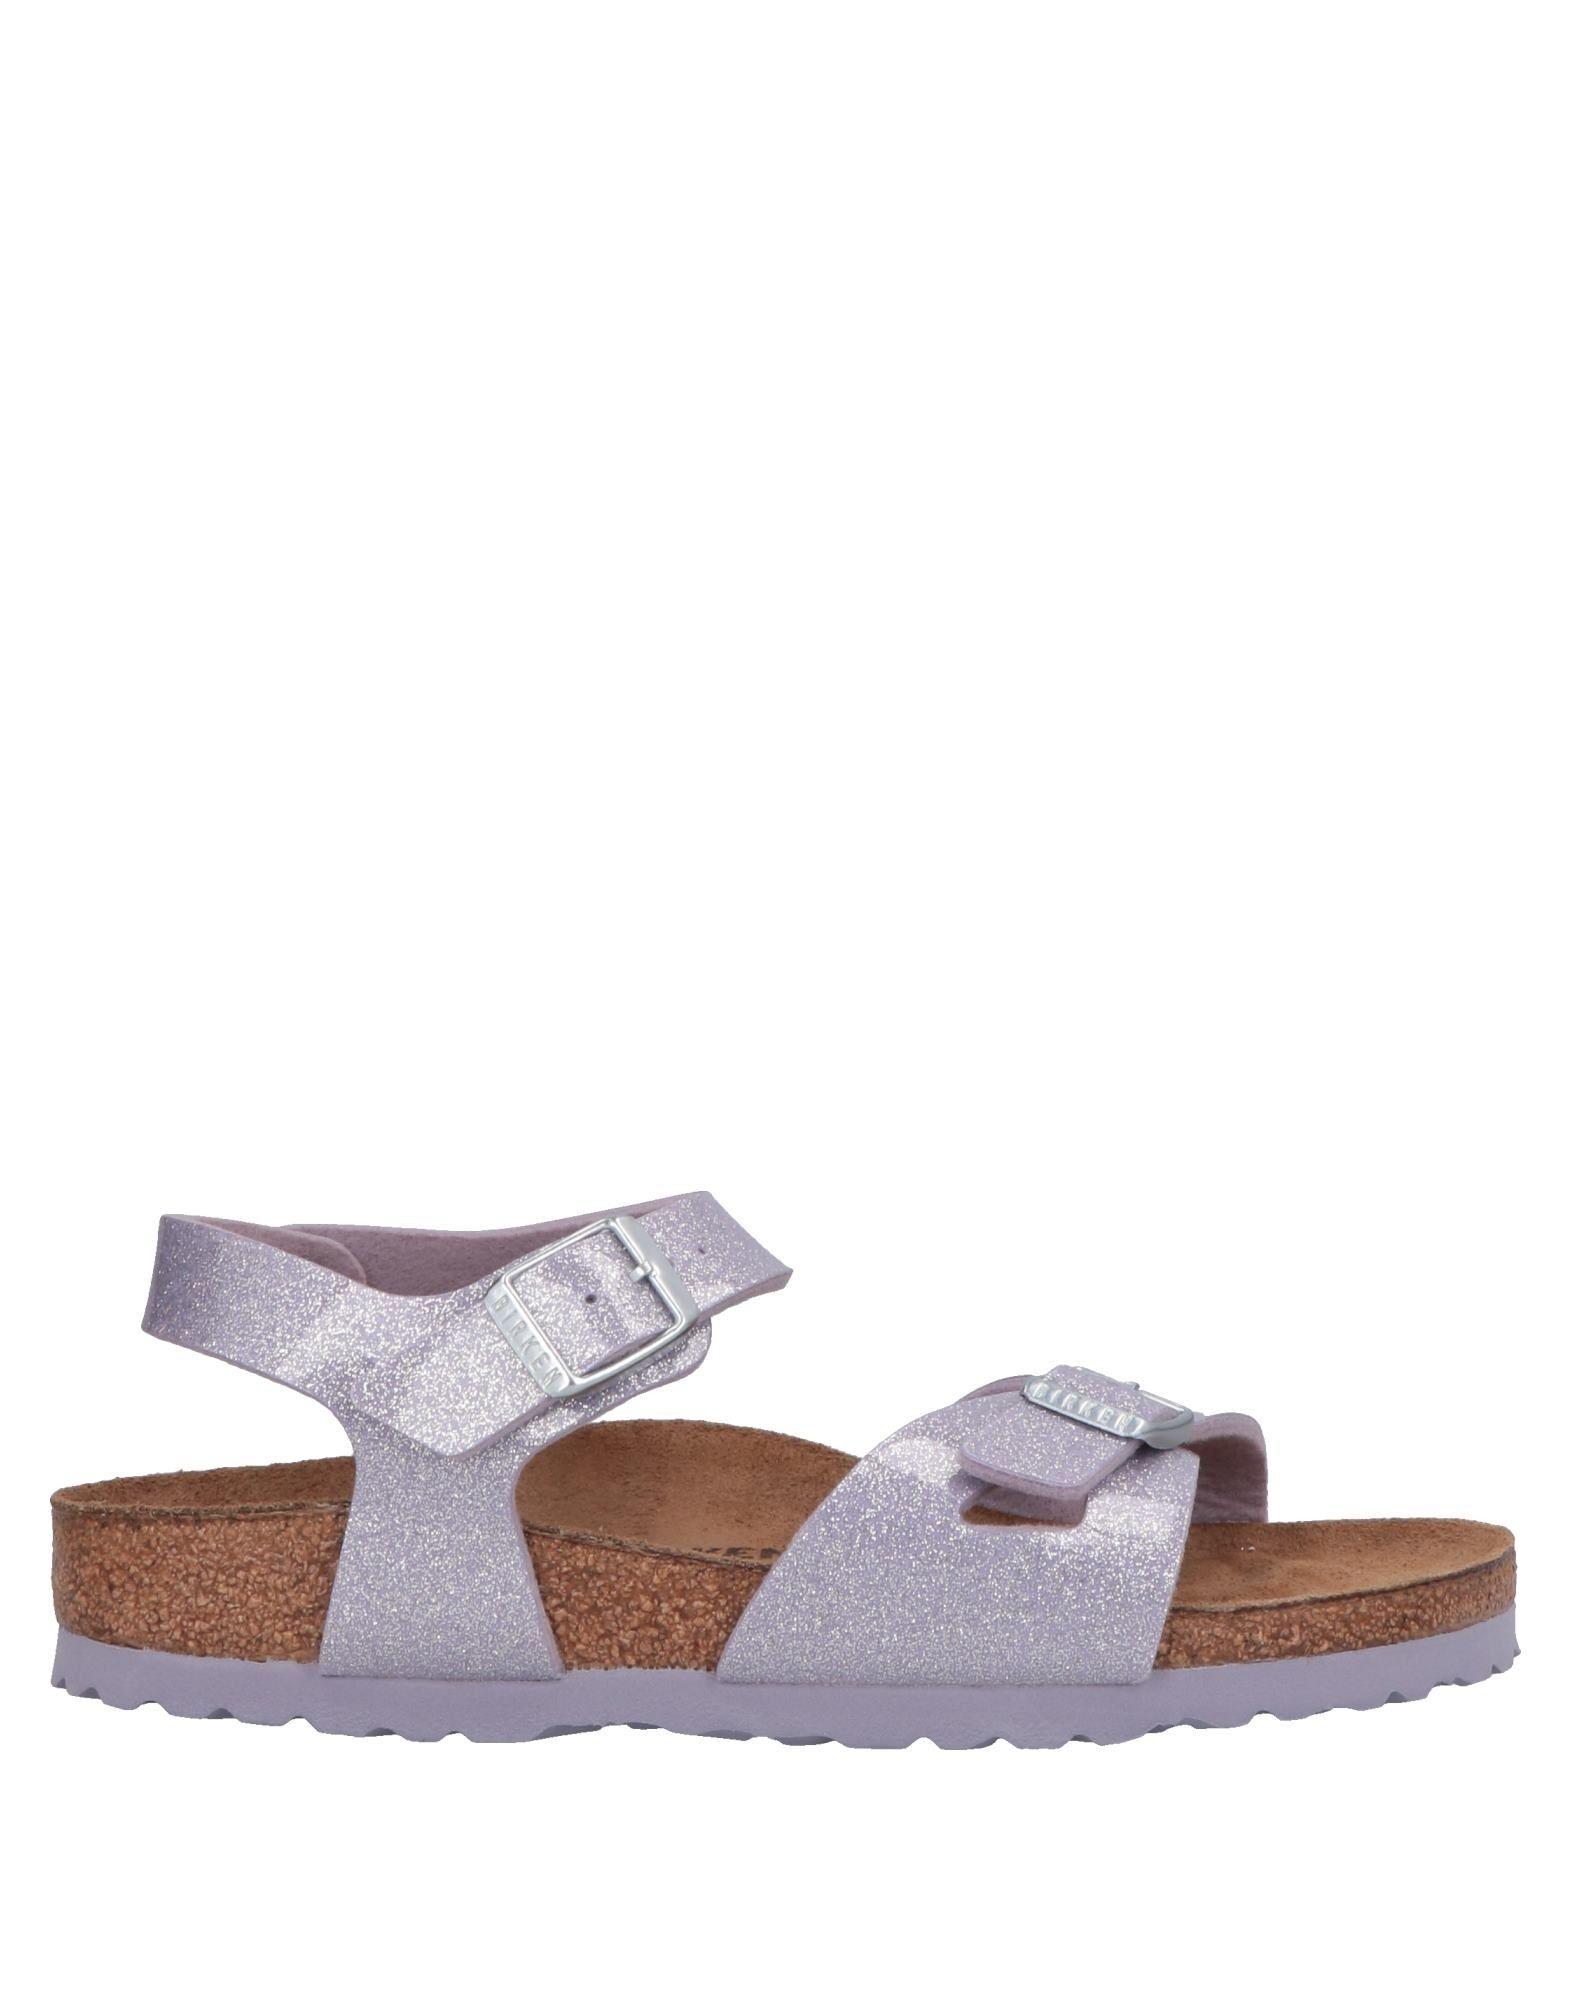 FOOTWEAR Birkenstock Lilac Girl Leather